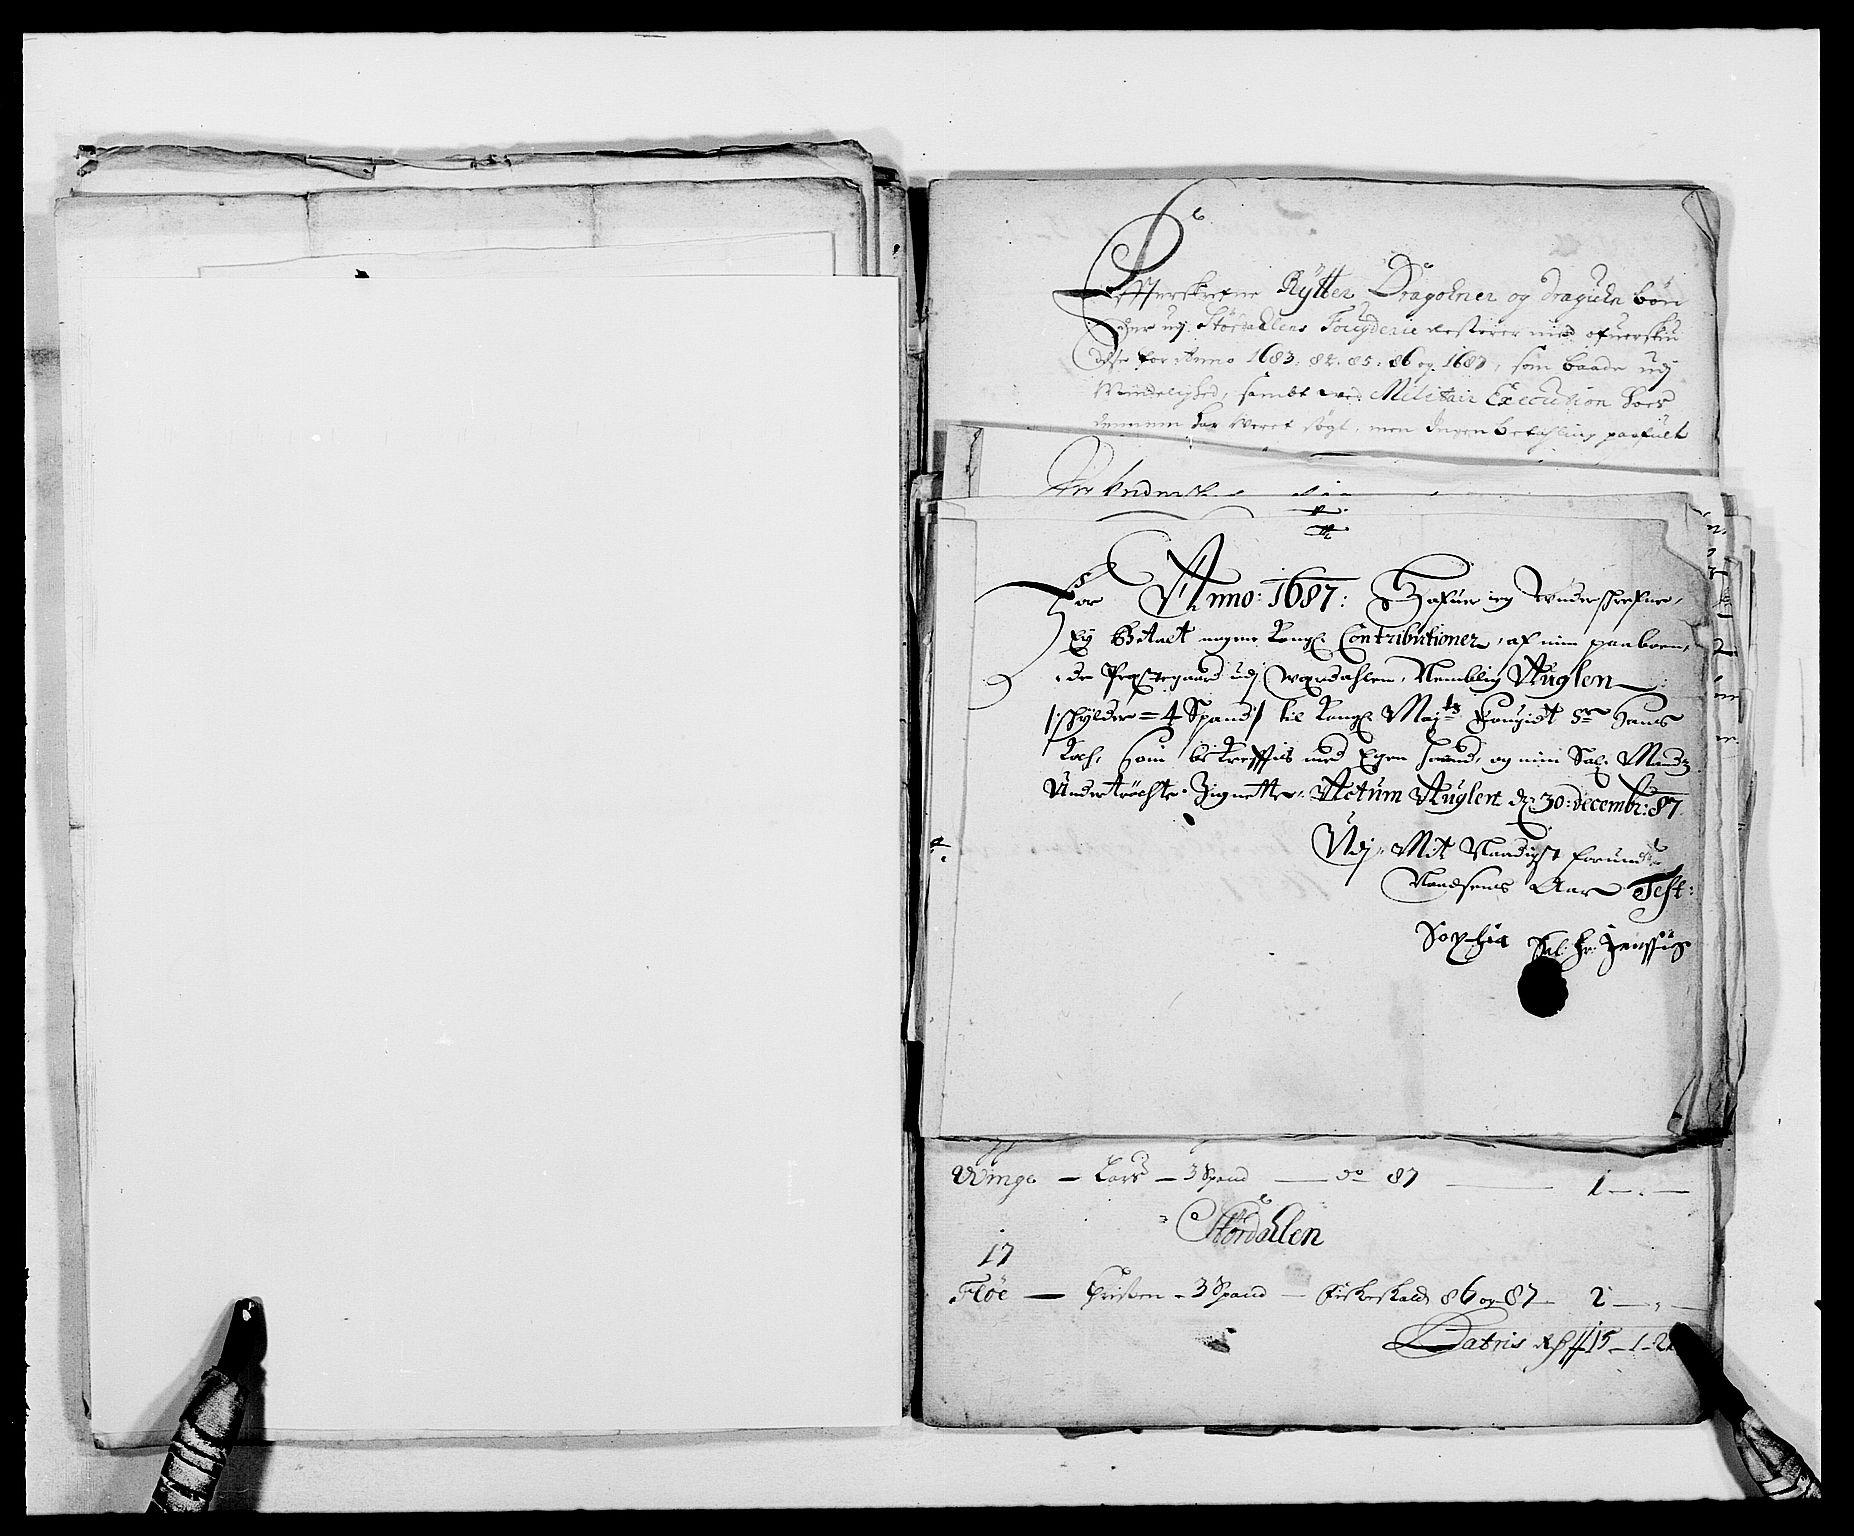 RA, Rentekammeret inntil 1814, Reviderte regnskaper, Fogderegnskap, R62/L4183: Fogderegnskap Stjørdal og Verdal, 1687-1689, s. 174